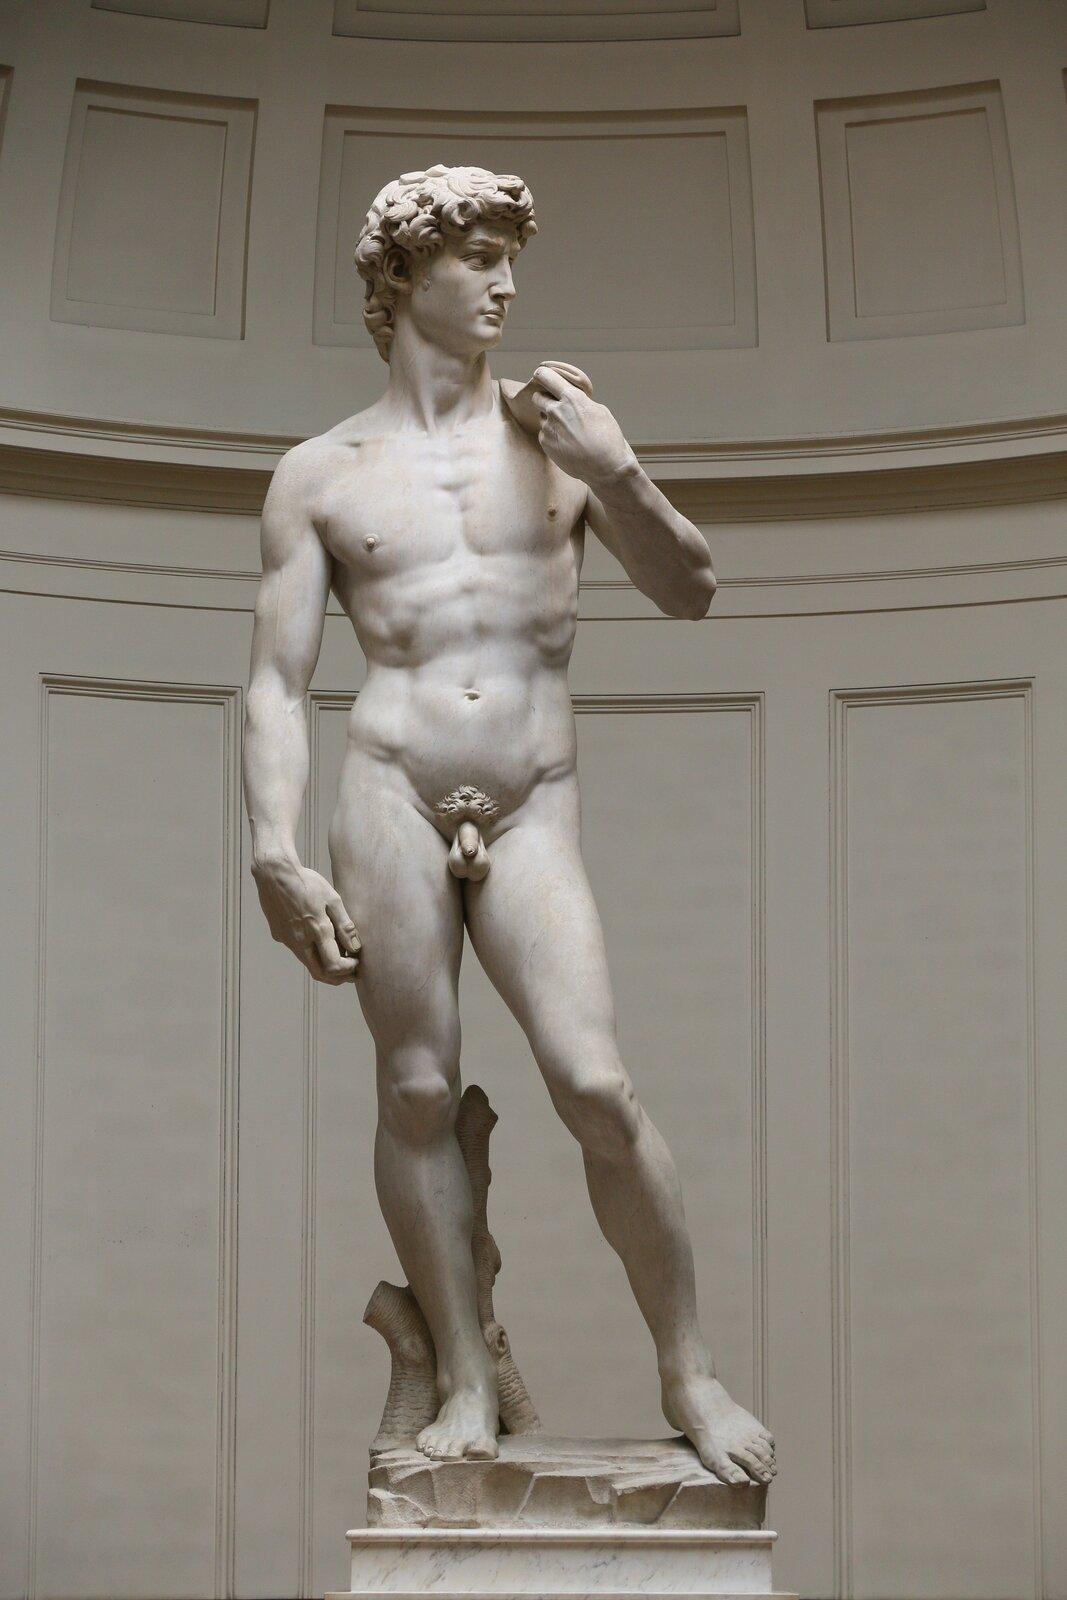 """Ilustracja przedstawia rzeźbę """"Dawid"""" autorstwa Michała Anioła. Rzeźba ukazuje nagiego młodego, umięśnionego mężczyznę. ustawiony jest wkontrapoście na cokole. Wlewej ręce trzyma przerzuconą przez ramię procę. Prawa ręka jest opuszczona swobodnie wzdłuż ciała. Dawid spogląda wlewą stronę. Jest poważny iskupiony. Ma kręcone włosy."""